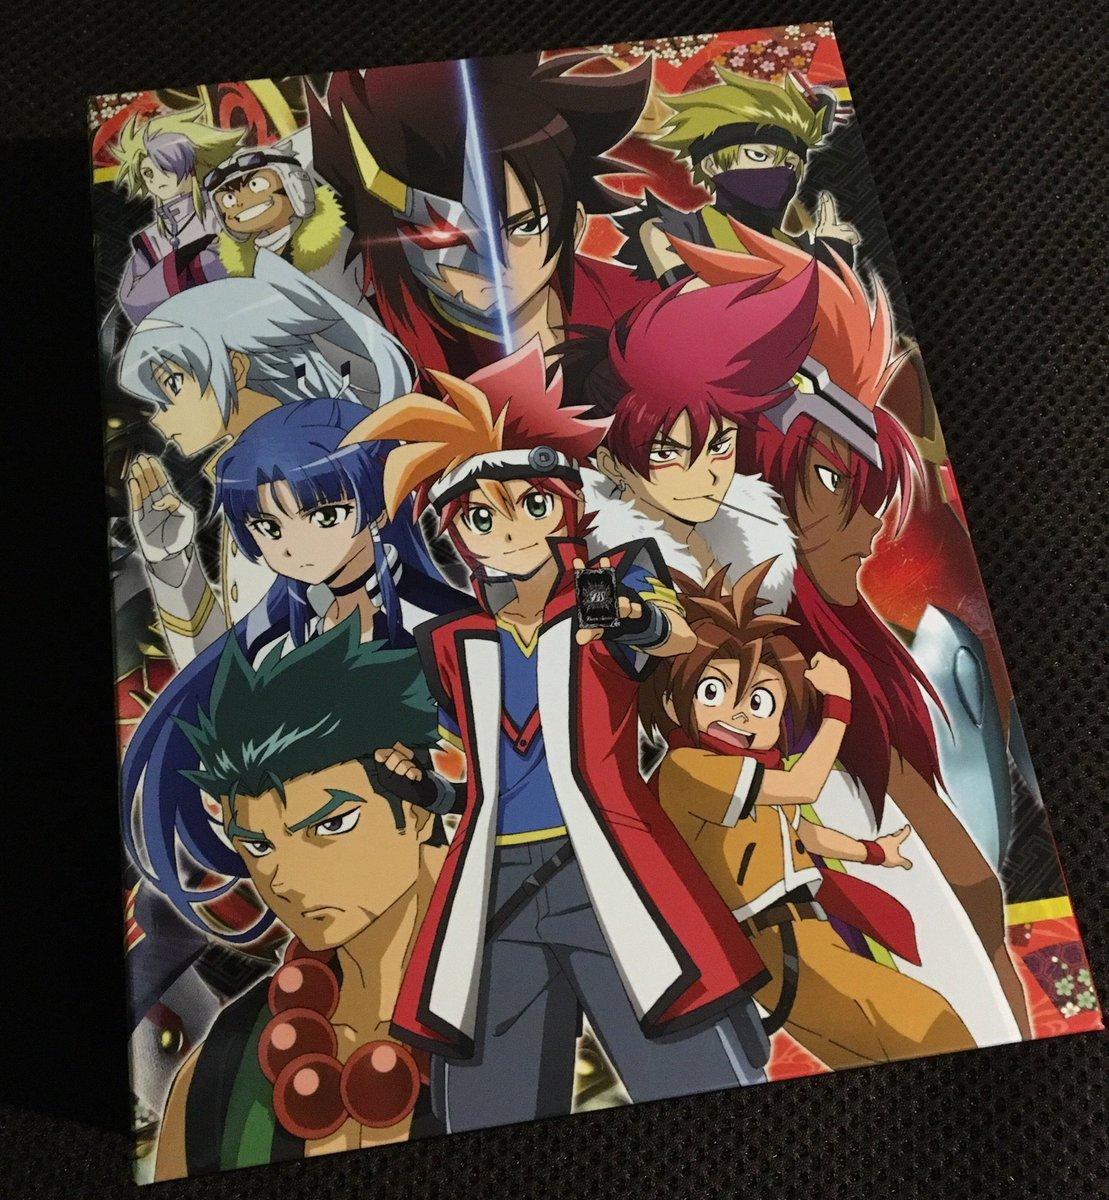 バトスピ烈火魂のDVD-BOX届いたぁーー!!٩( ᐛ )وエピソードカードやオリジナルサウンドトラックが嬉しい!特典の